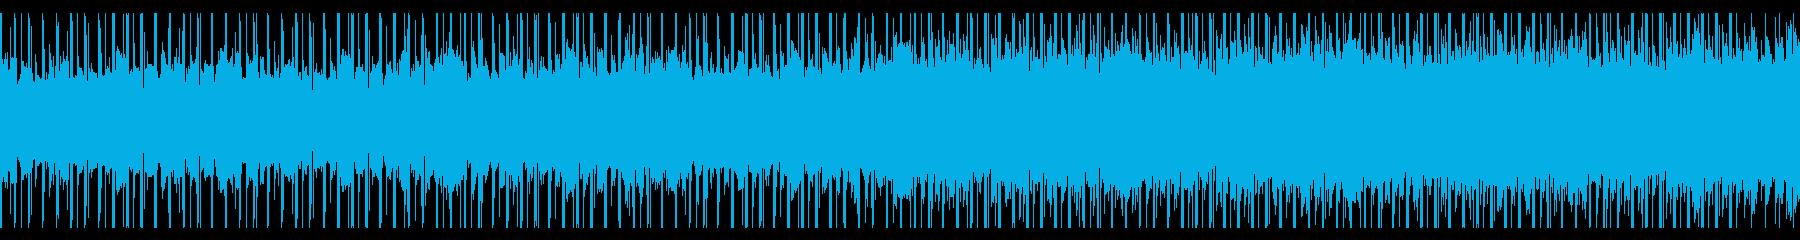 チュートリアル(ループ)の再生済みの波形